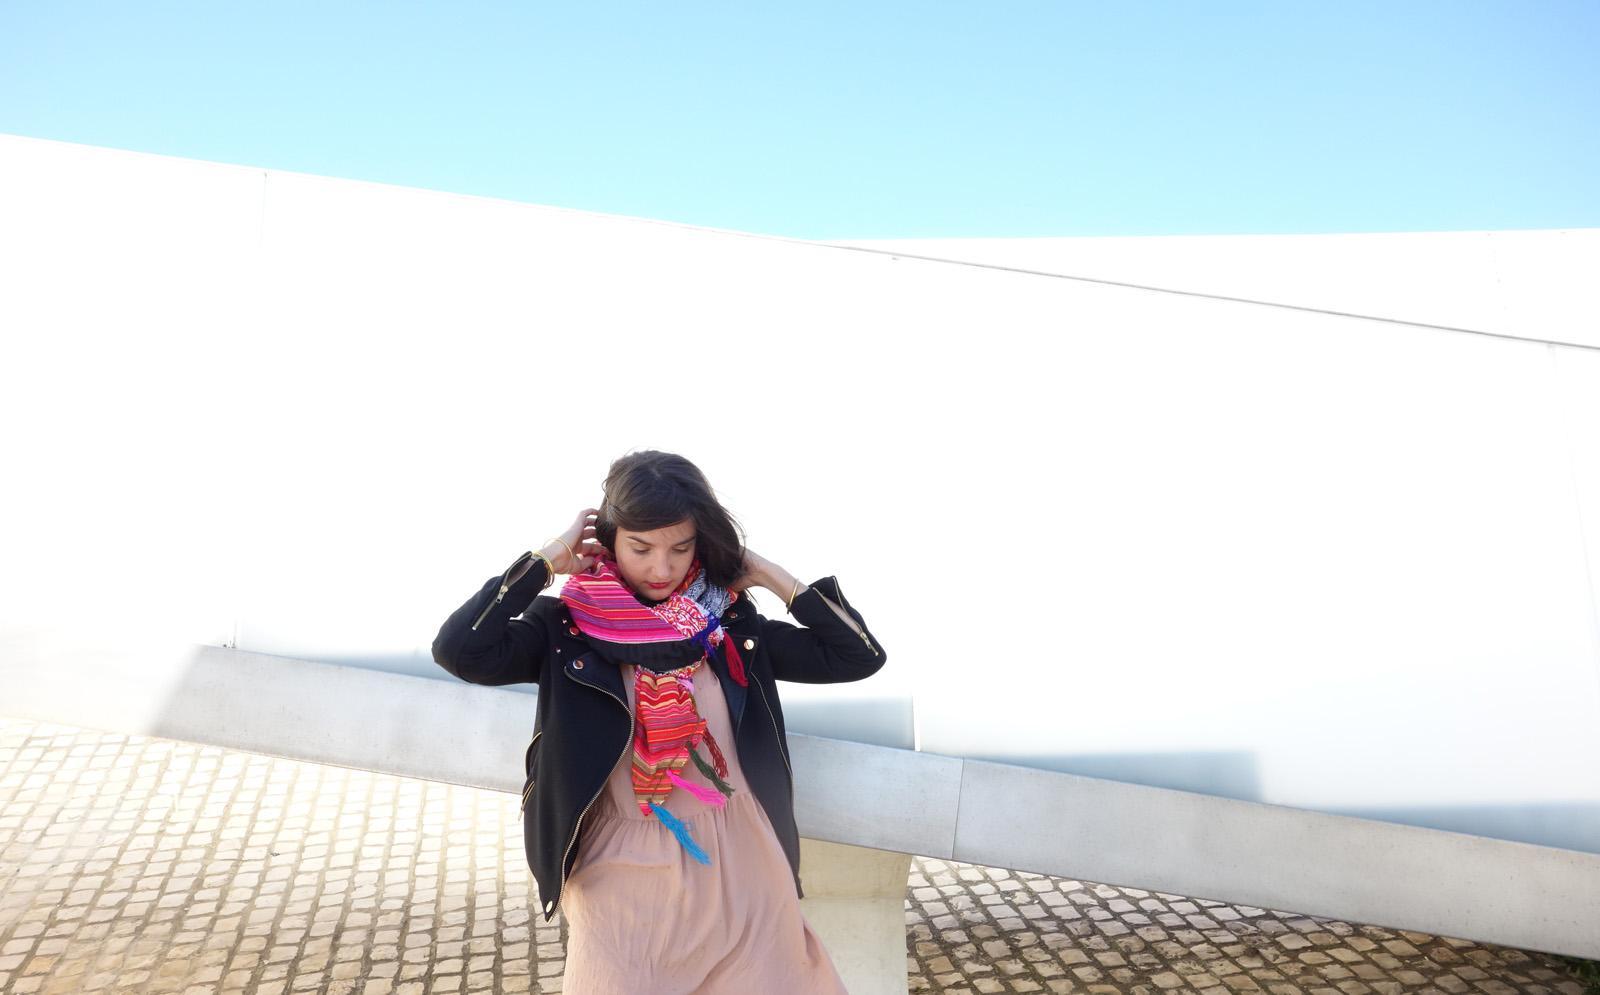 COLORAMA Cheich châle écharpe géante tissu vintage Esprit bohème voyageur tissage artisanal